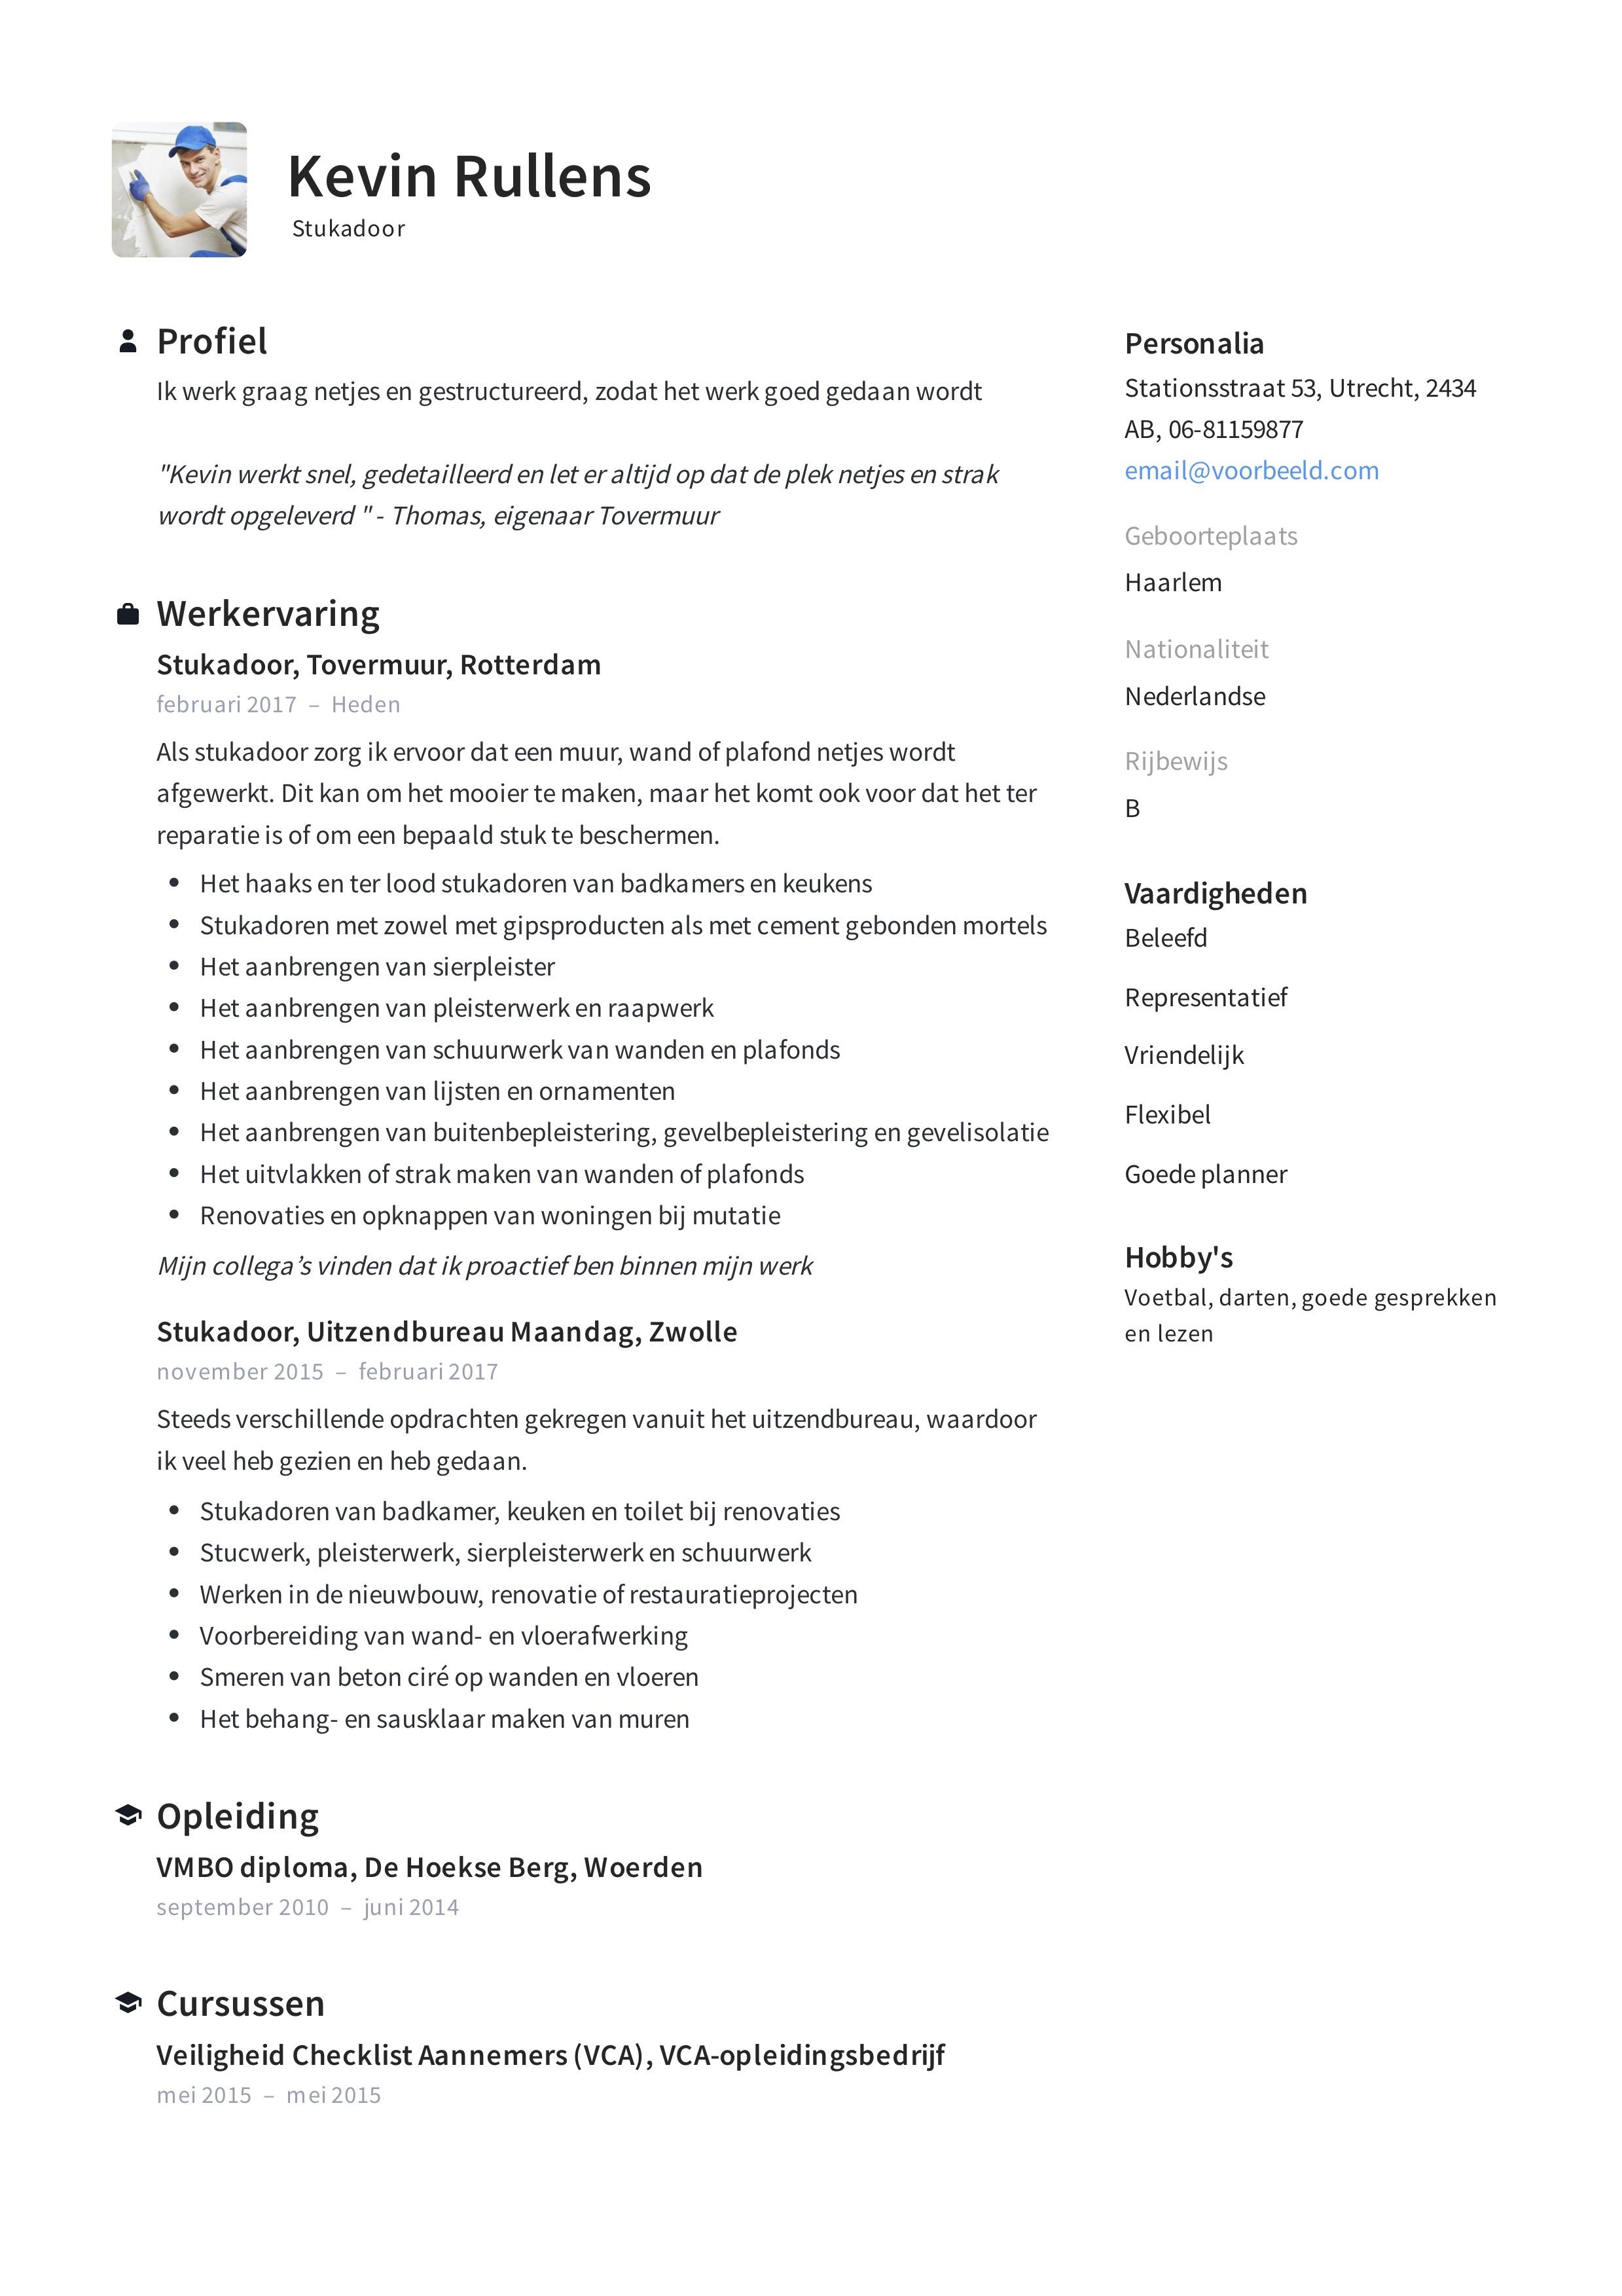 CV Stukadoor